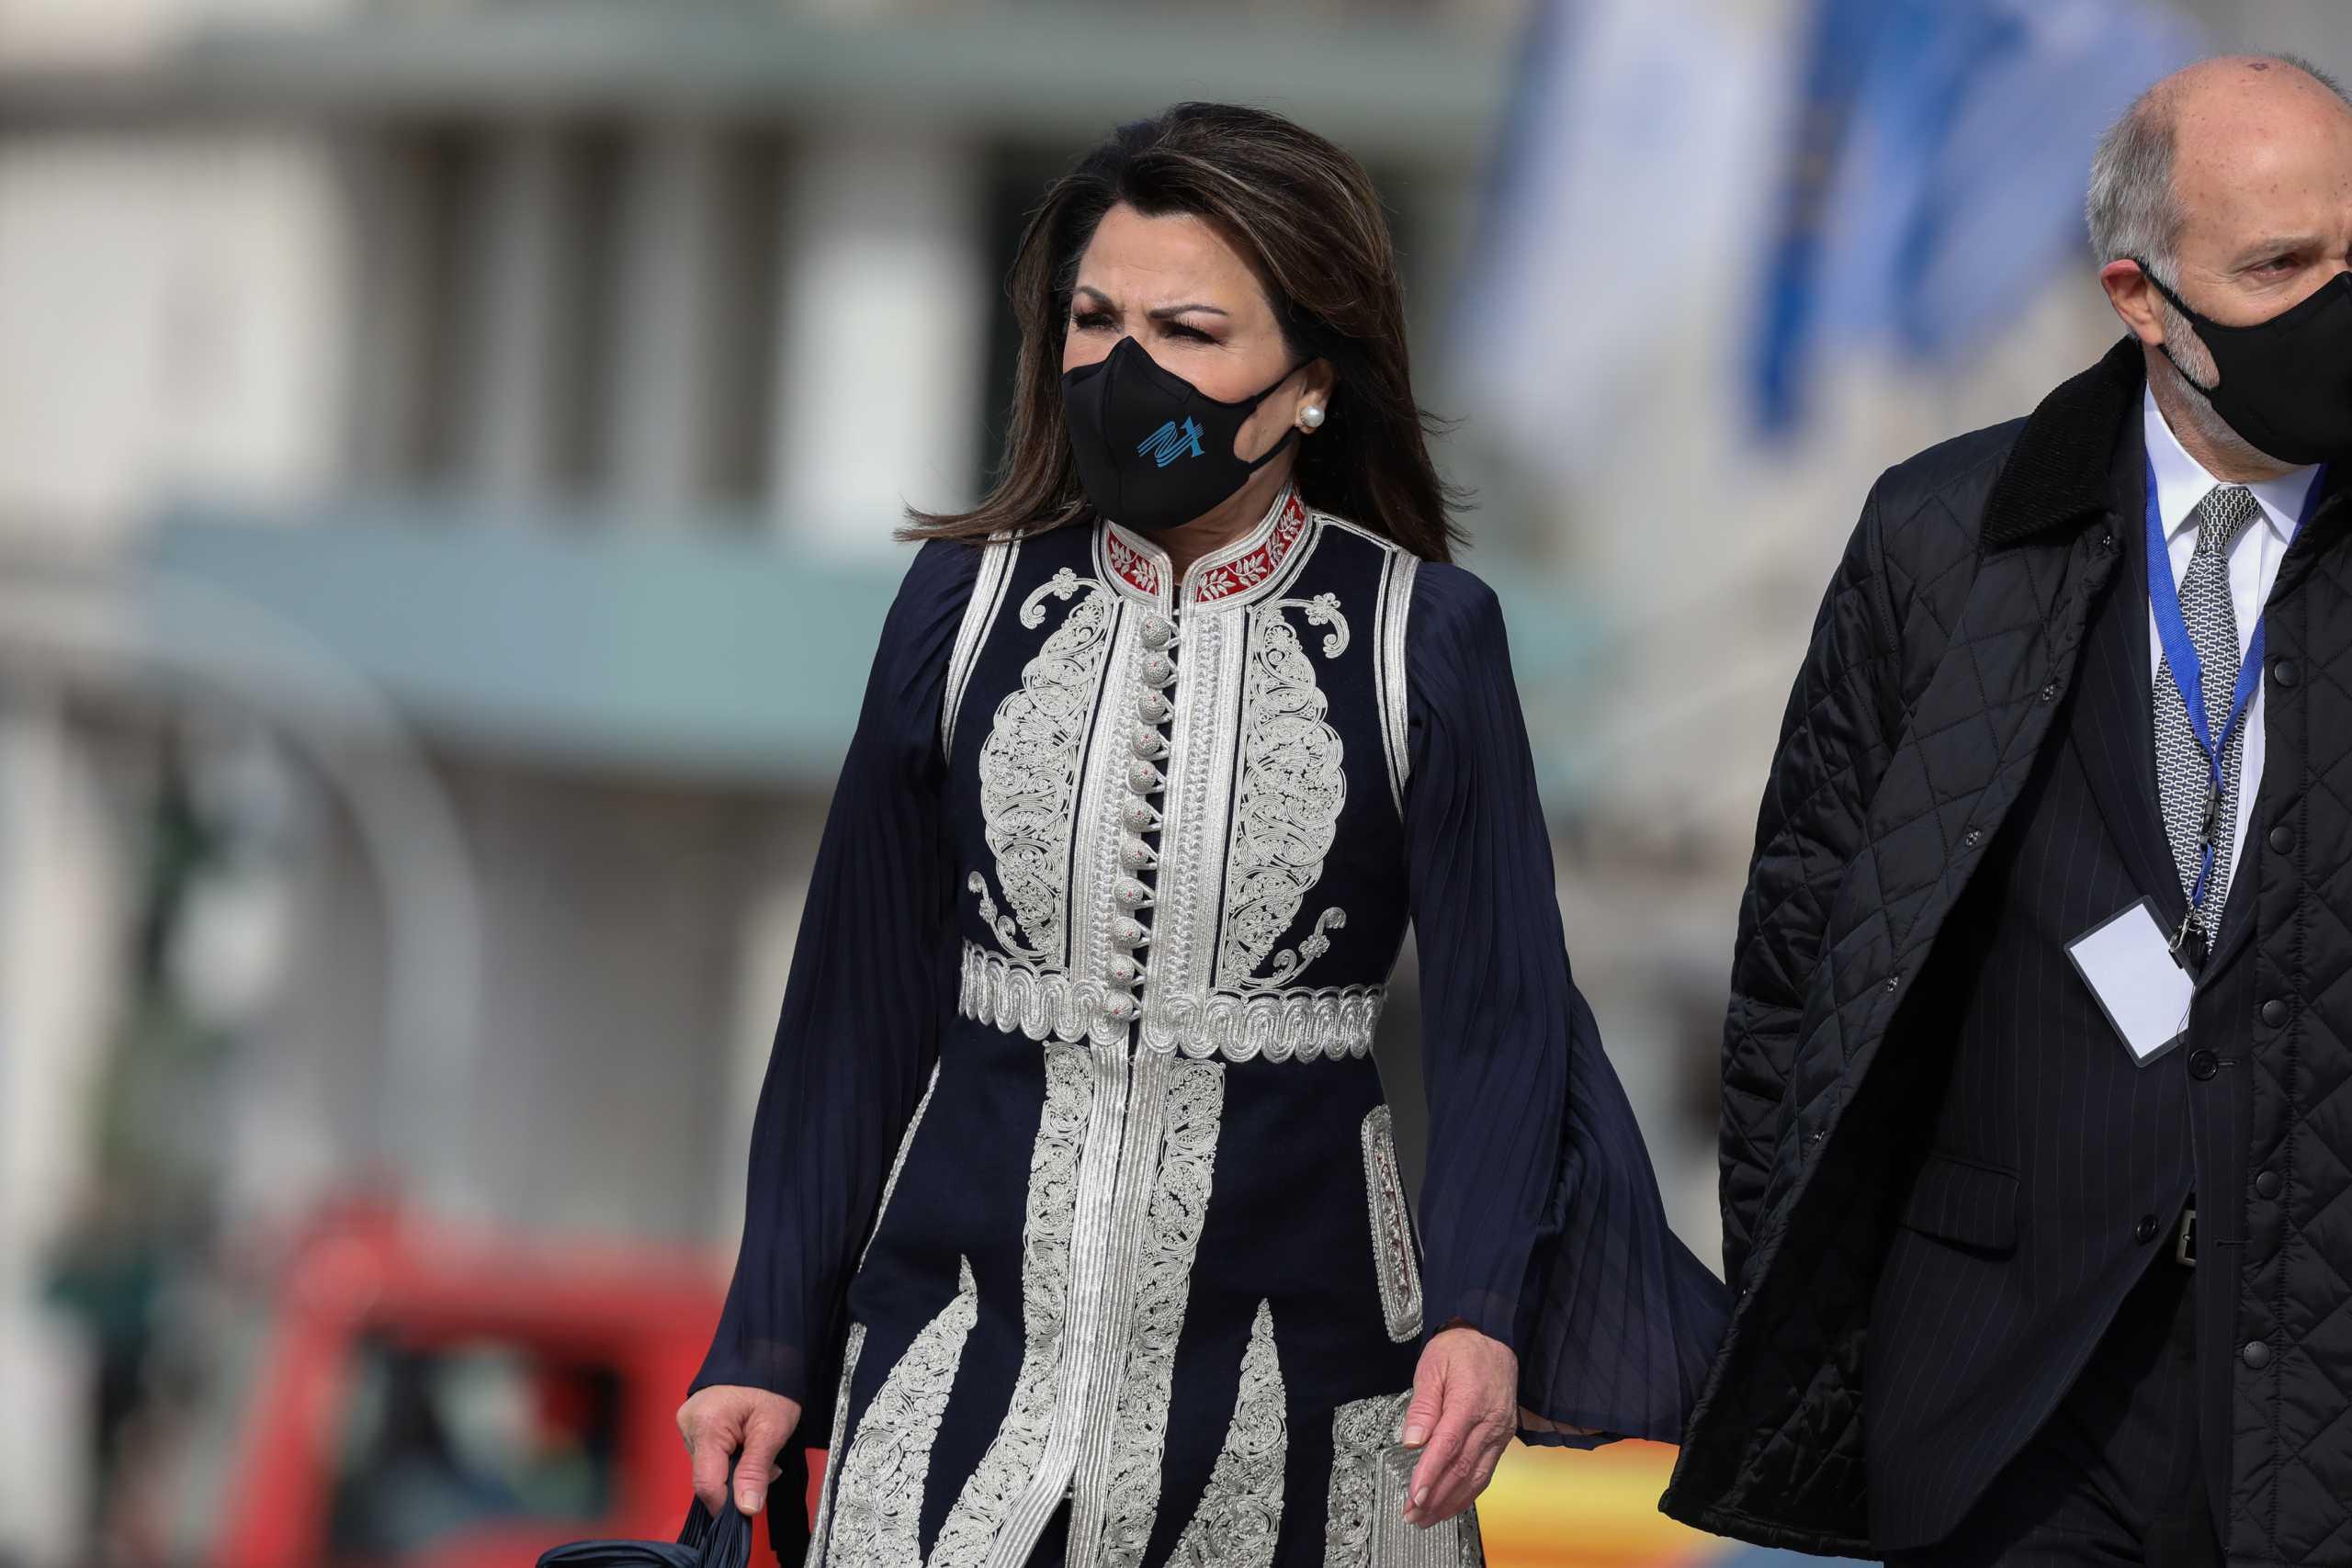 Παρέλαση 25ης Μαρτίου: Καρέ καρέ τα παραλειπόμενα (pics)